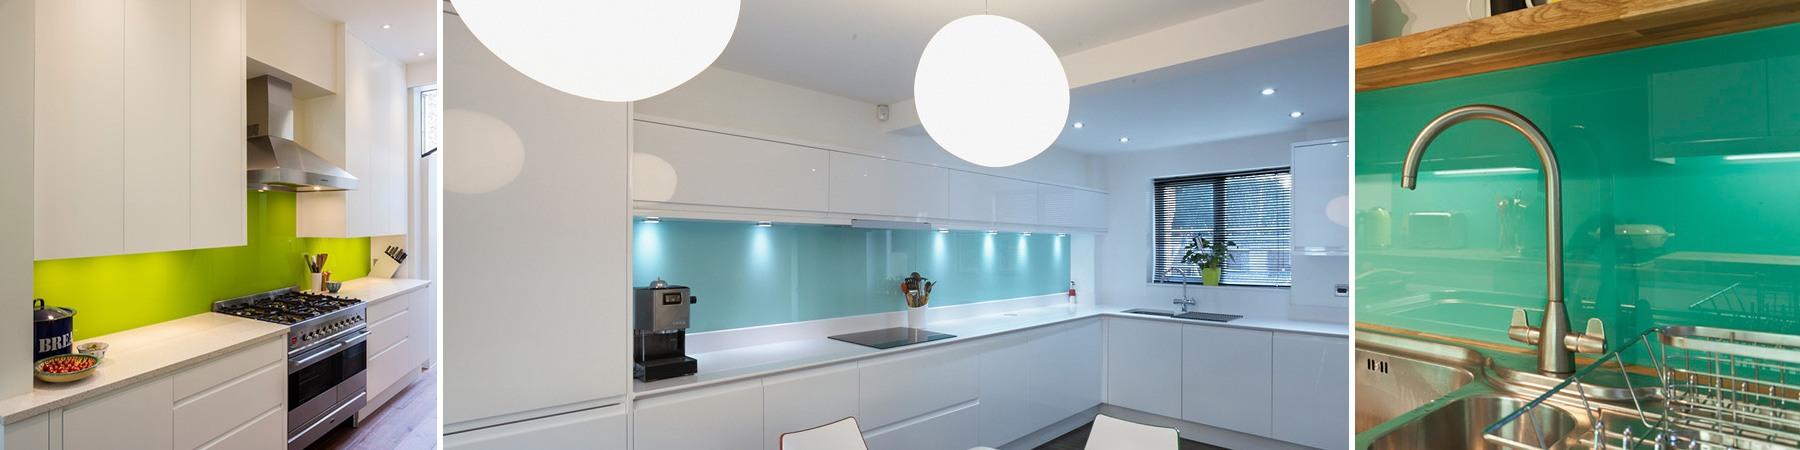 Vidriopanel paneles de vidrio para cocinas ba os y mesa - Paneles para cocinas ...